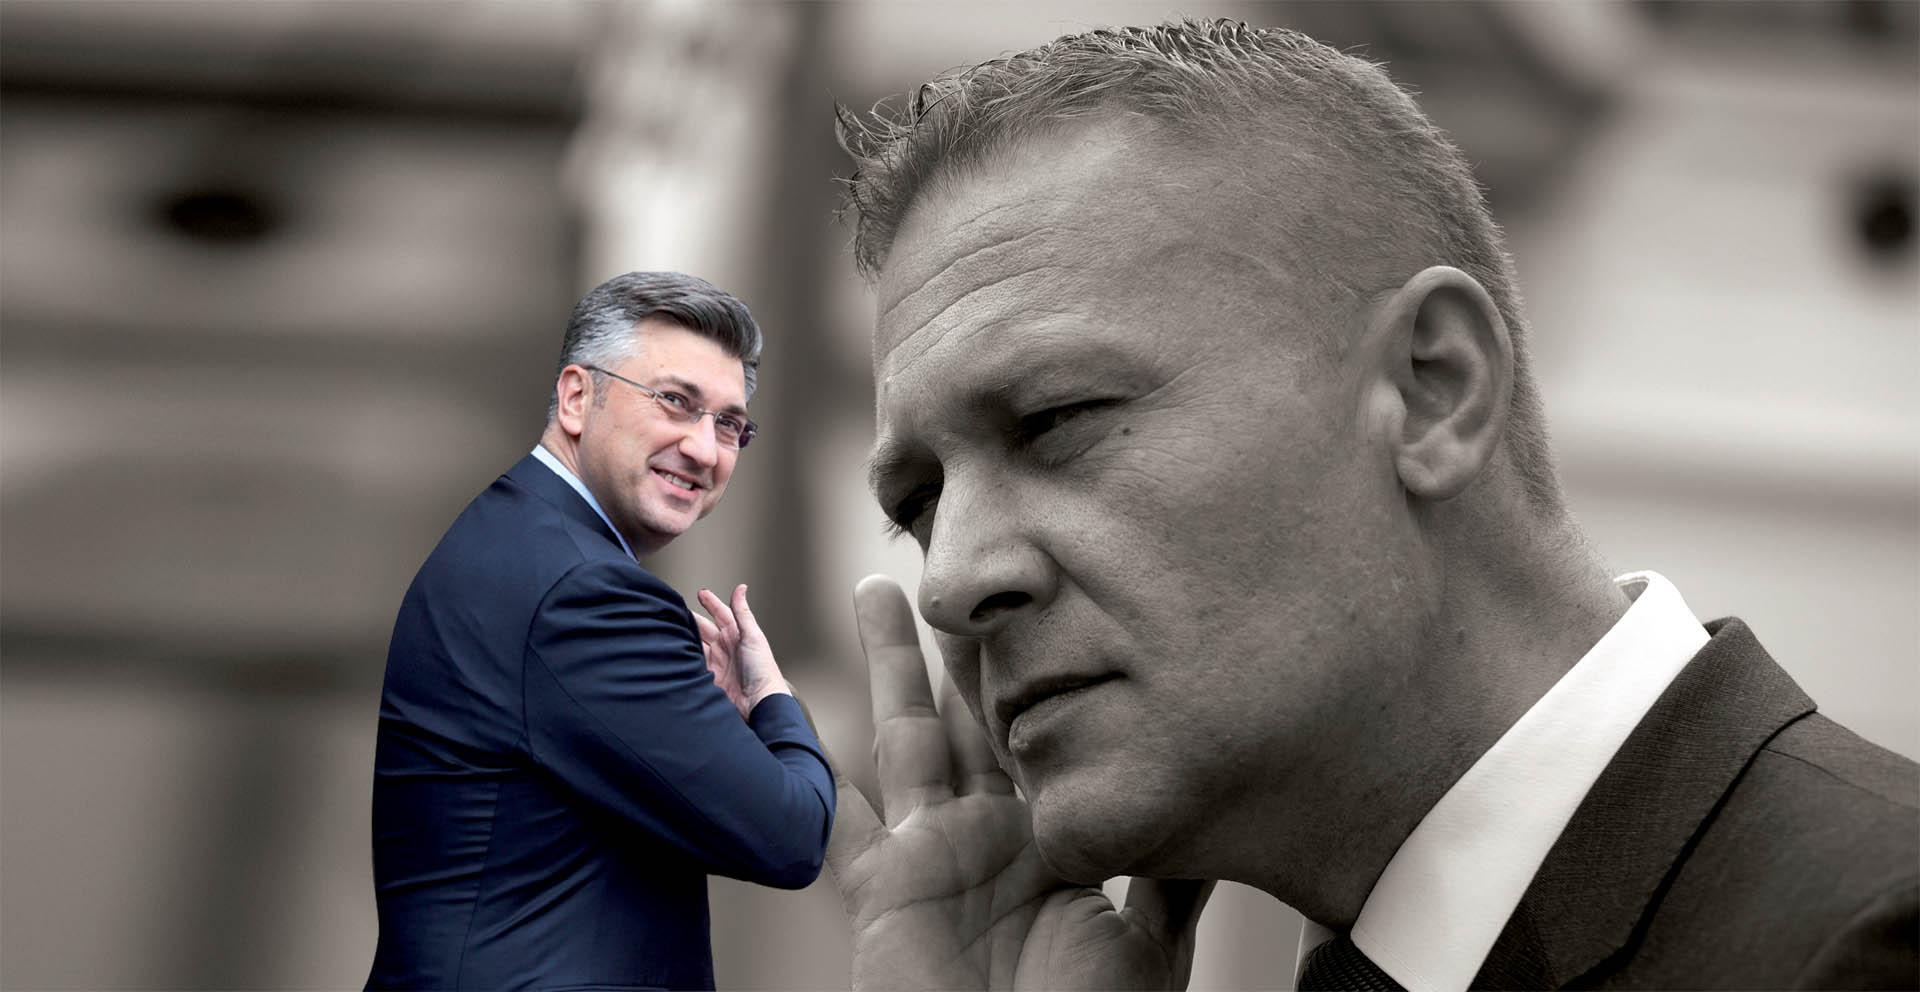 EKSKLUZIVNO TAJNI PREGOVORI Plenkovića s Krešom Beljakom i Borisom Miletićem